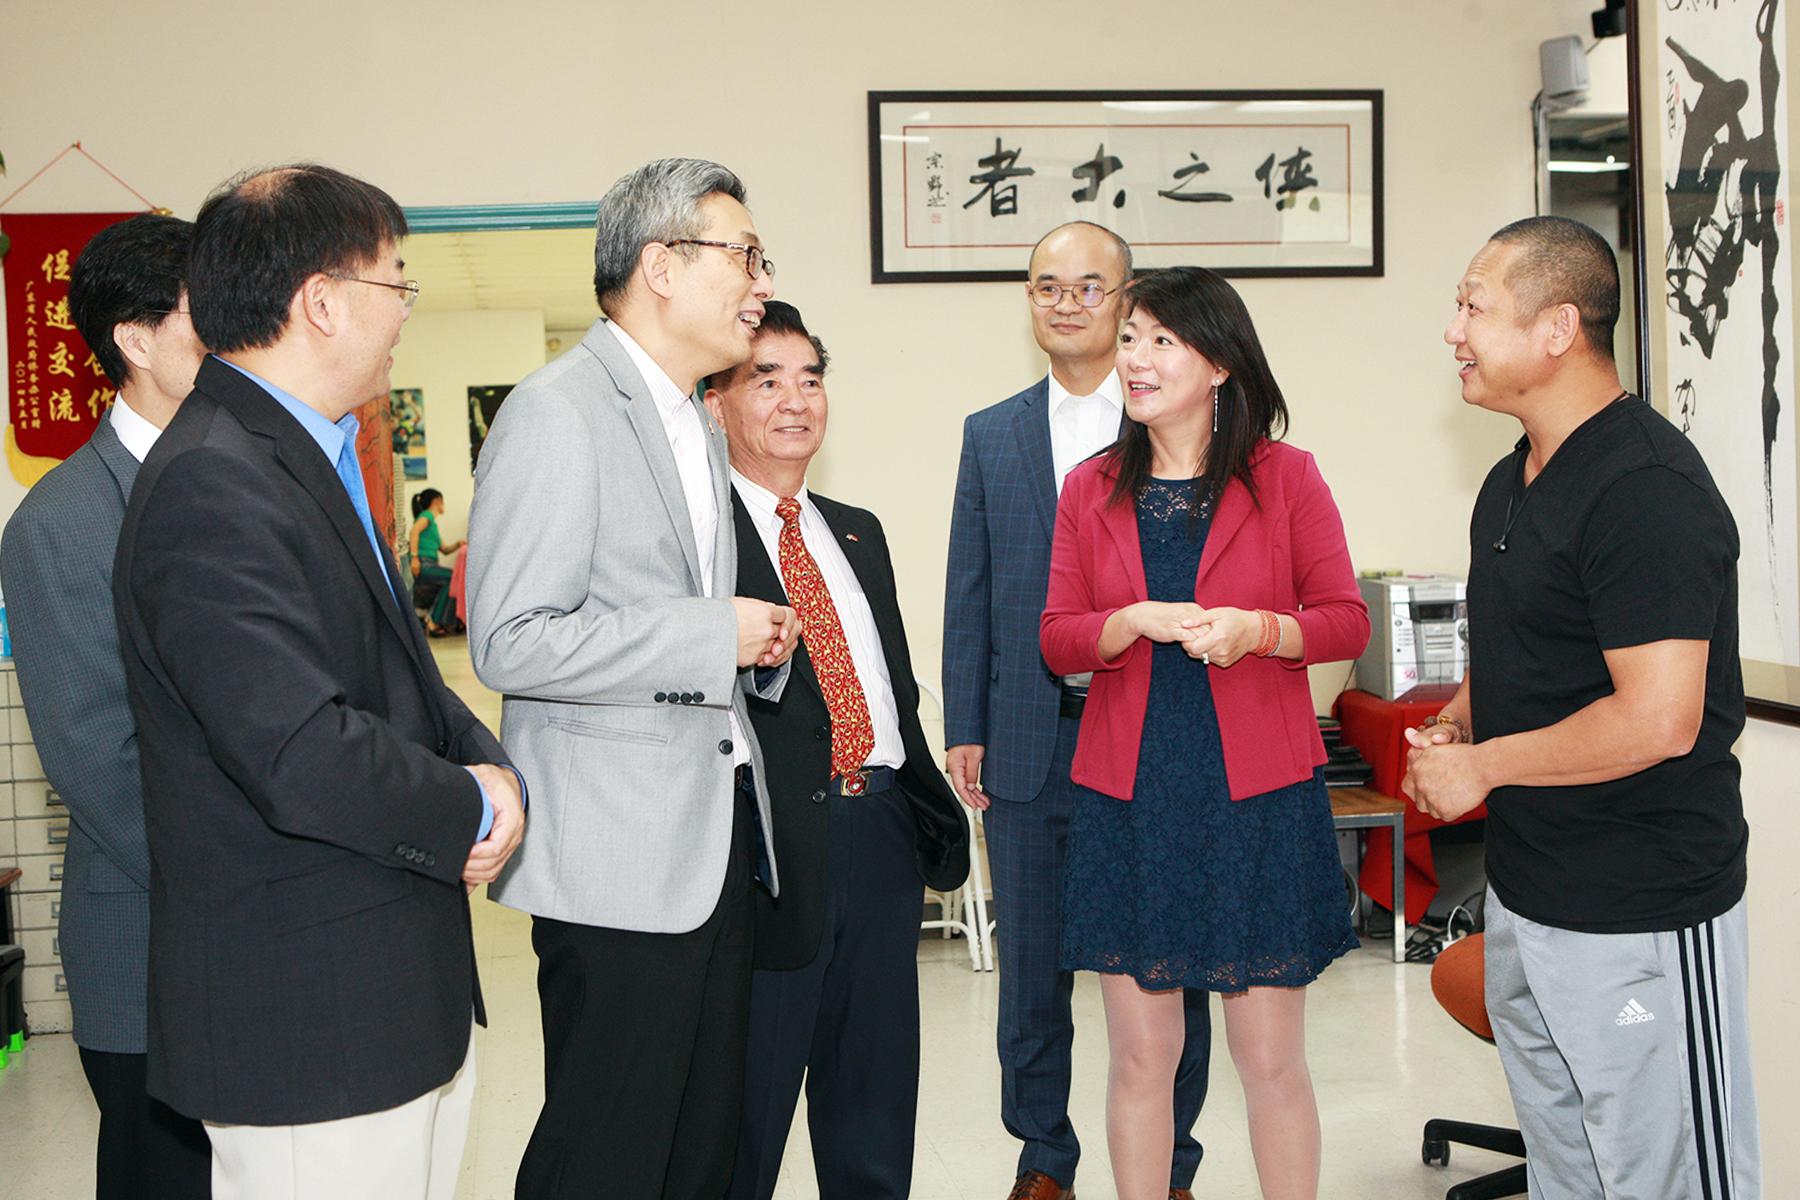 釋行浩(右一)向蔡偉(左三)介紹少林功夫學院。(記者賈忠/攝影)